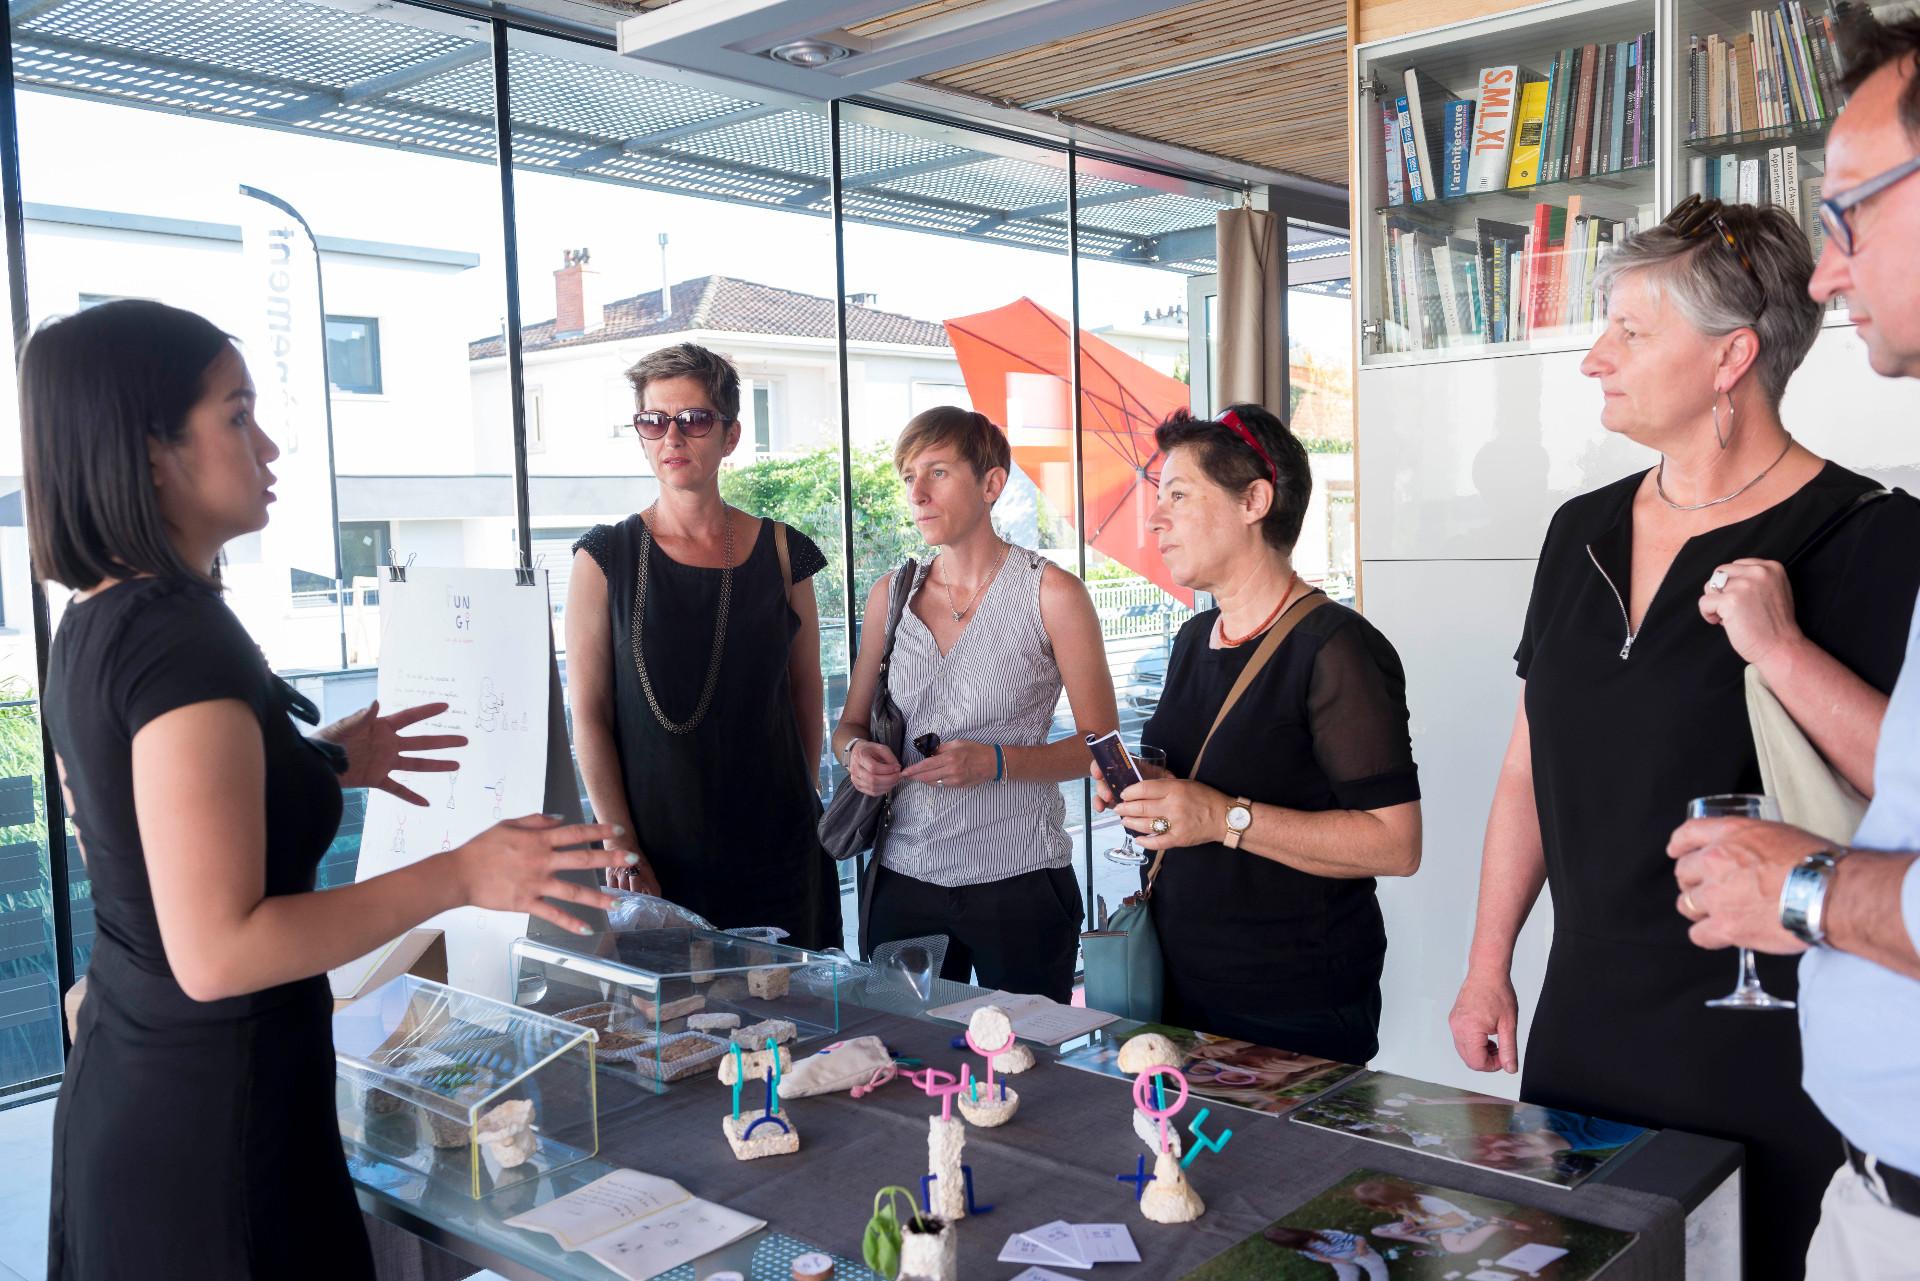 Seuil-evenement-smart-city-biofablab-bio-materiaux